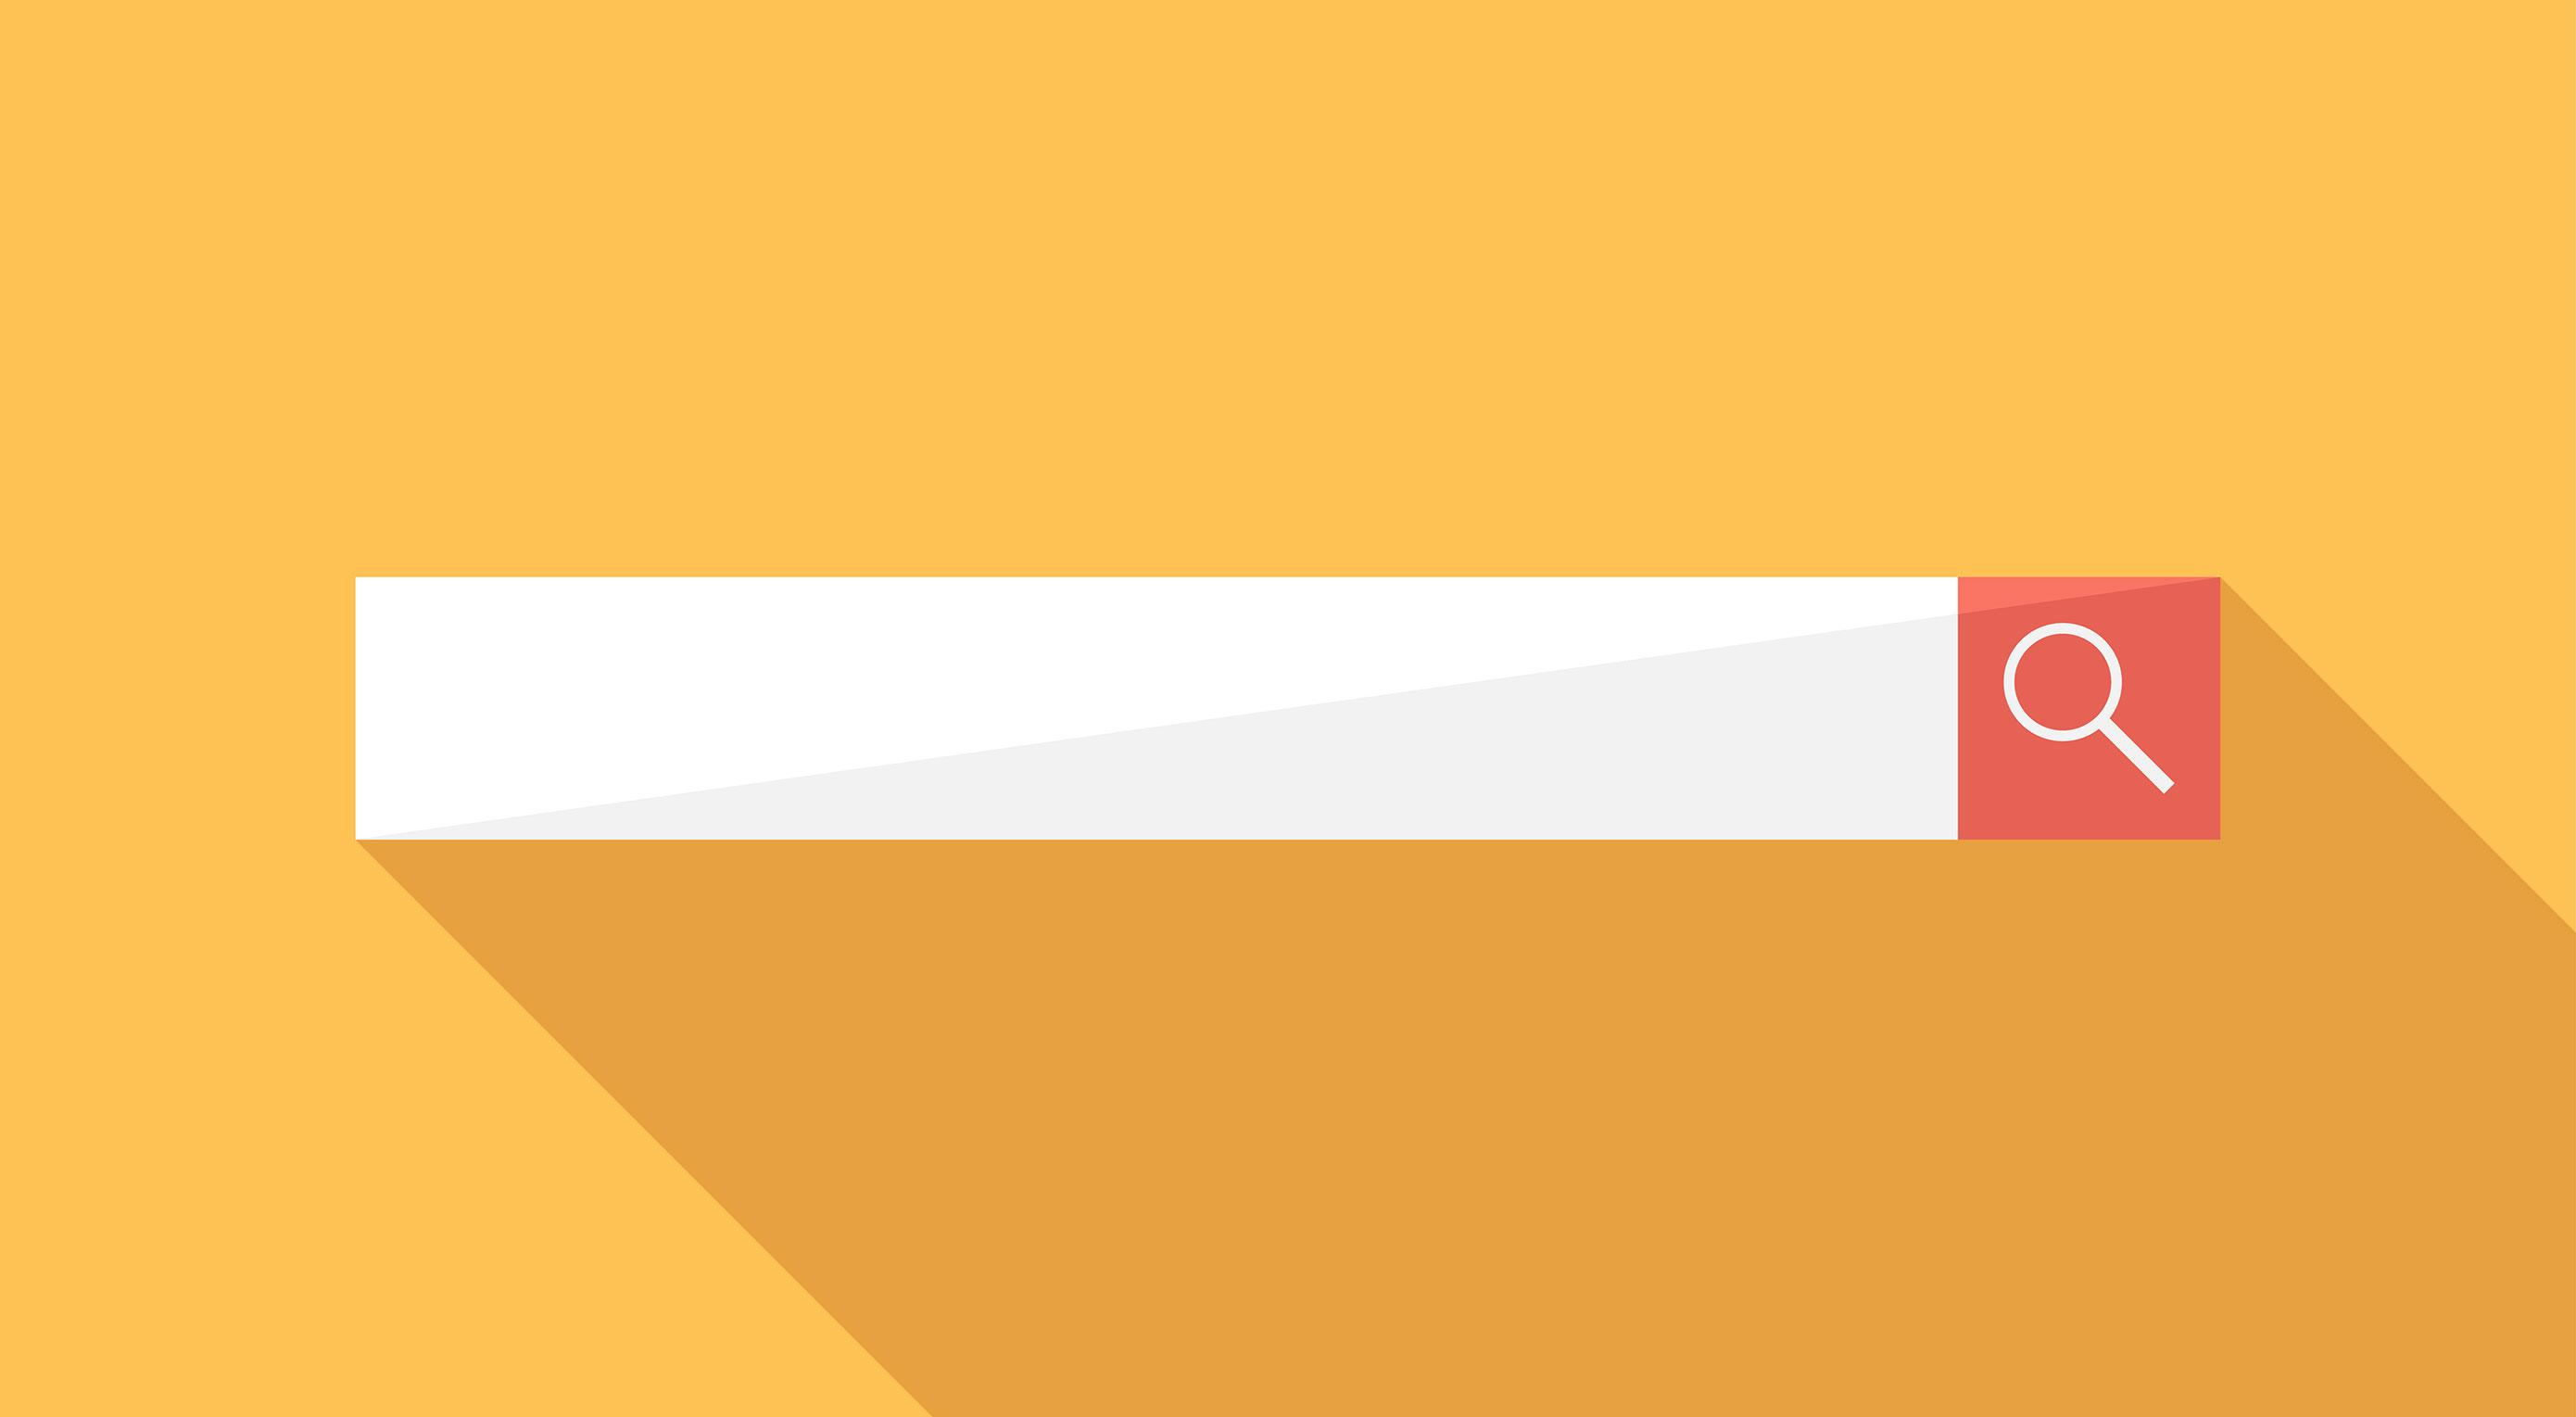 4 راه برای بهبود تجربه کاربری جستجوی سایت